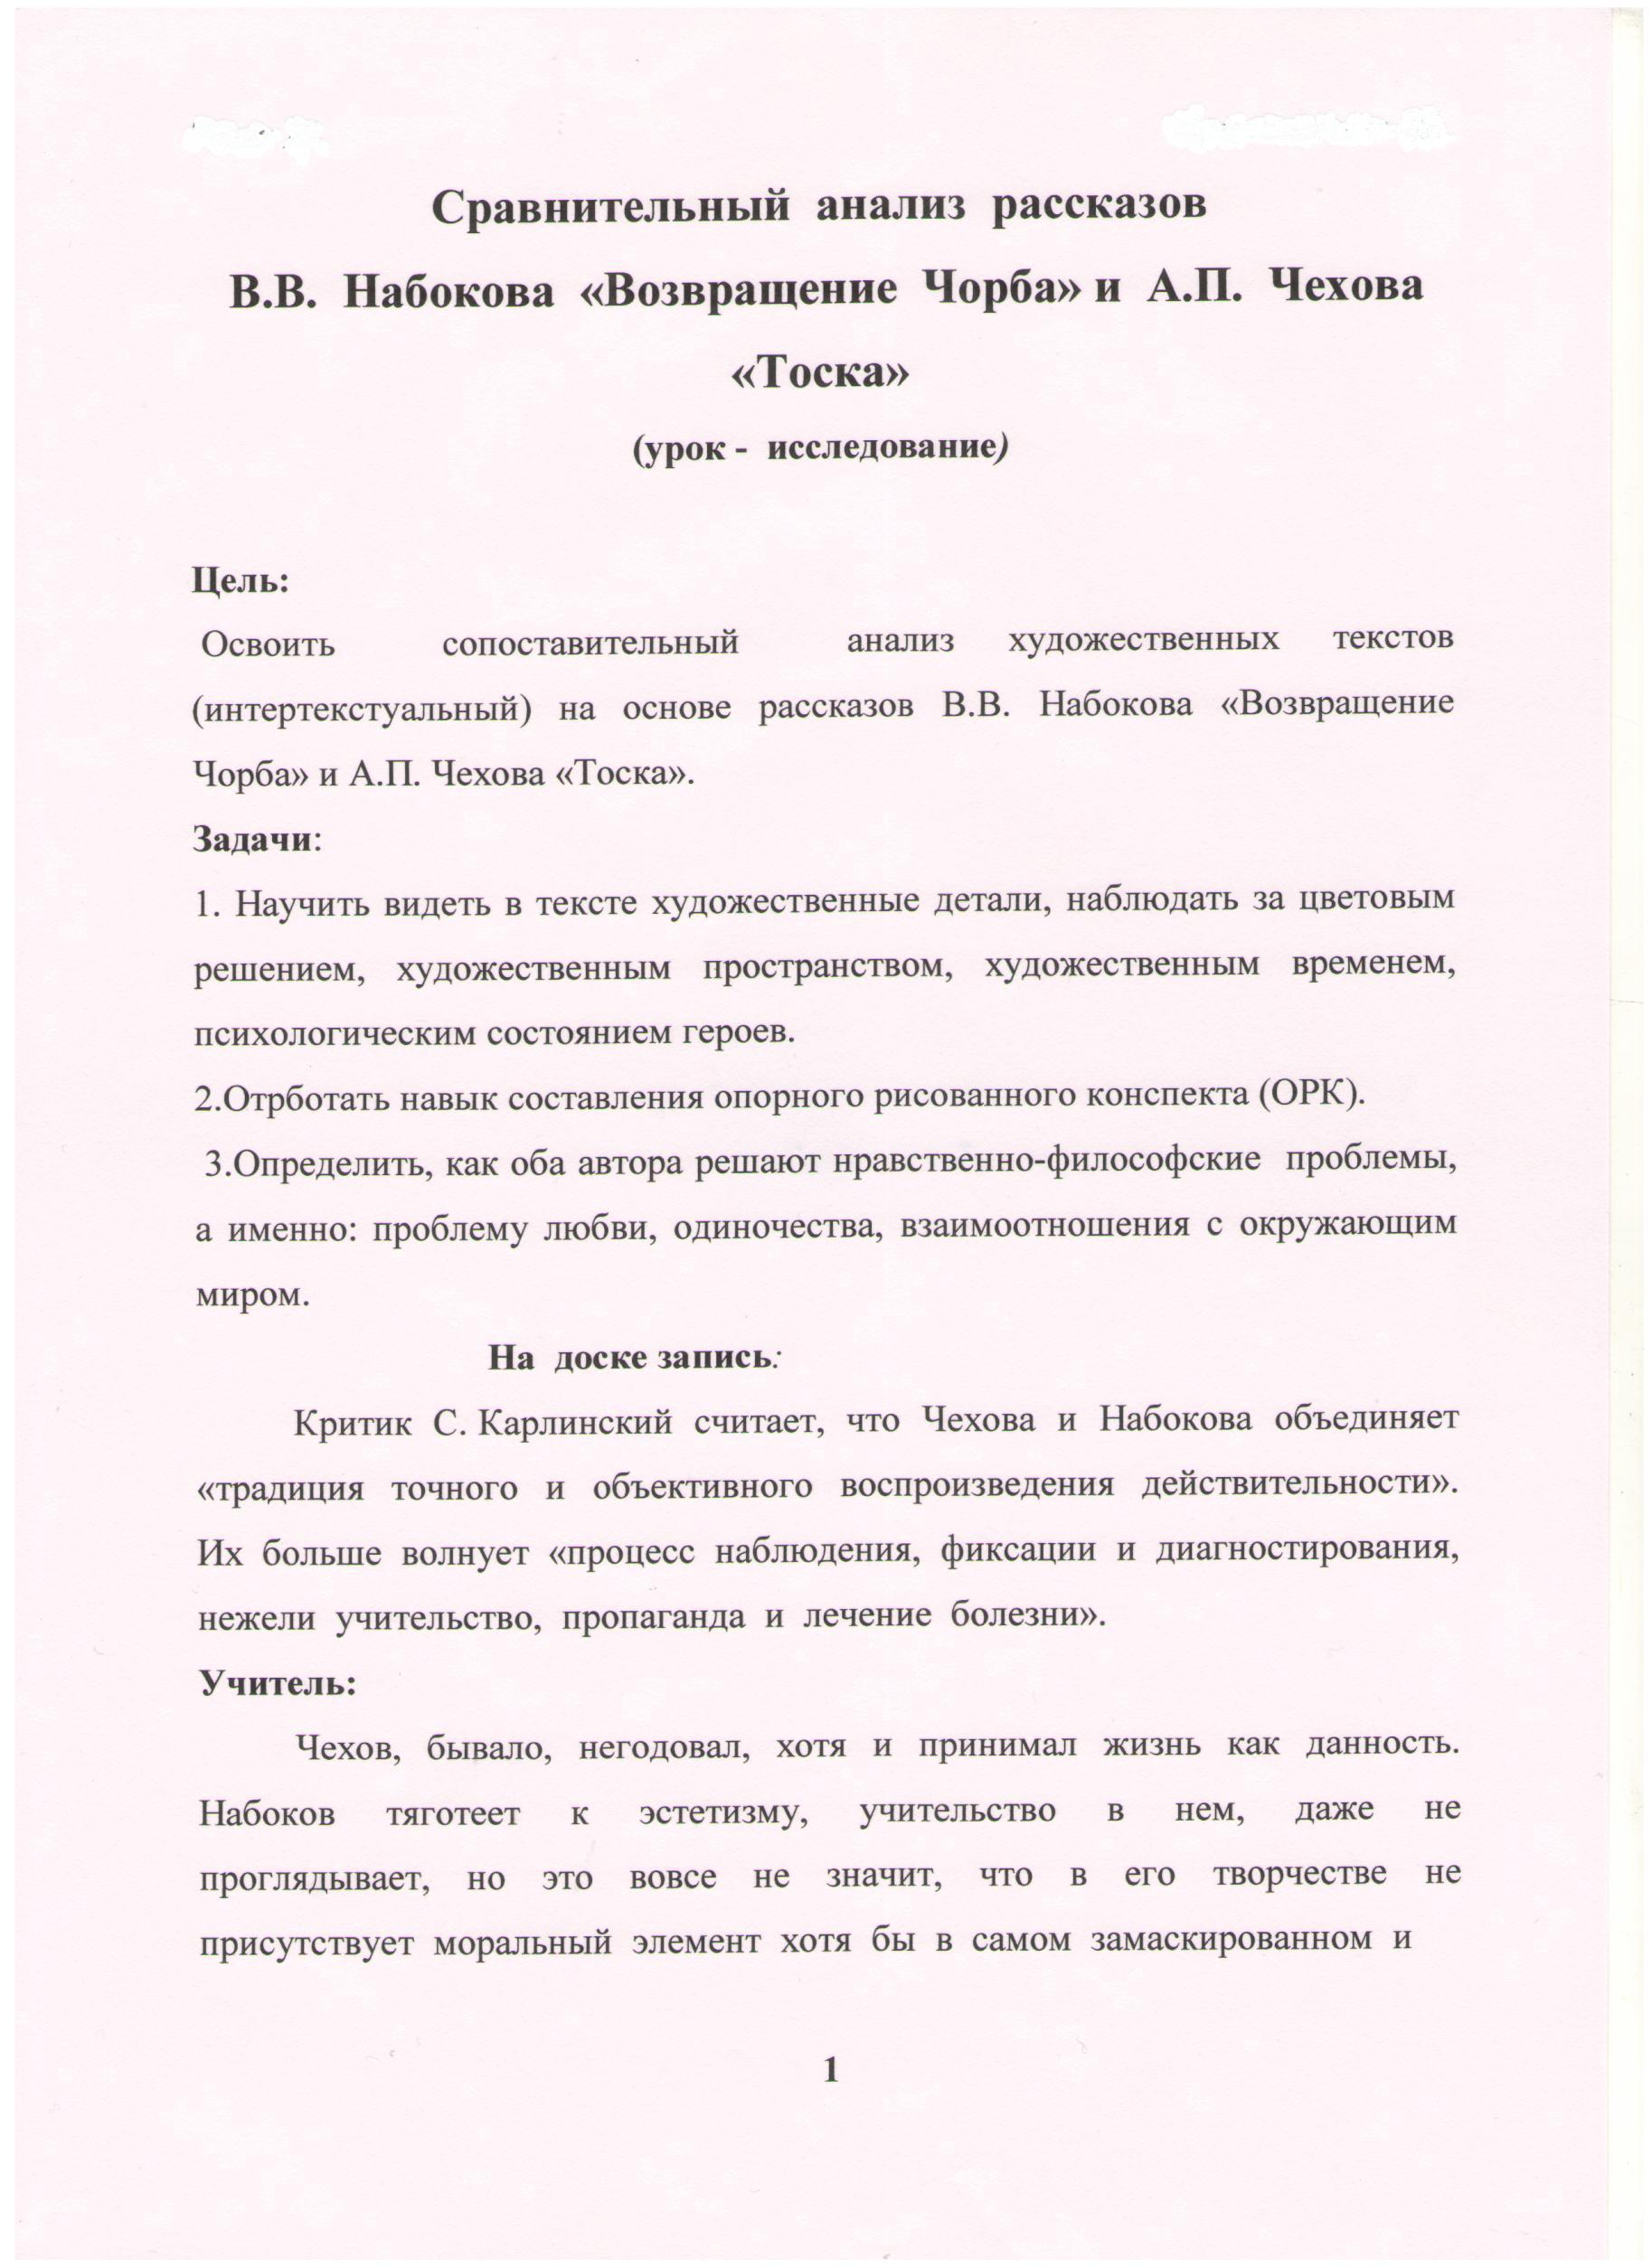 C:\Documents and Settings\Учитель\Рабочий стол\Новая папка\Работа Светы 26.jpg